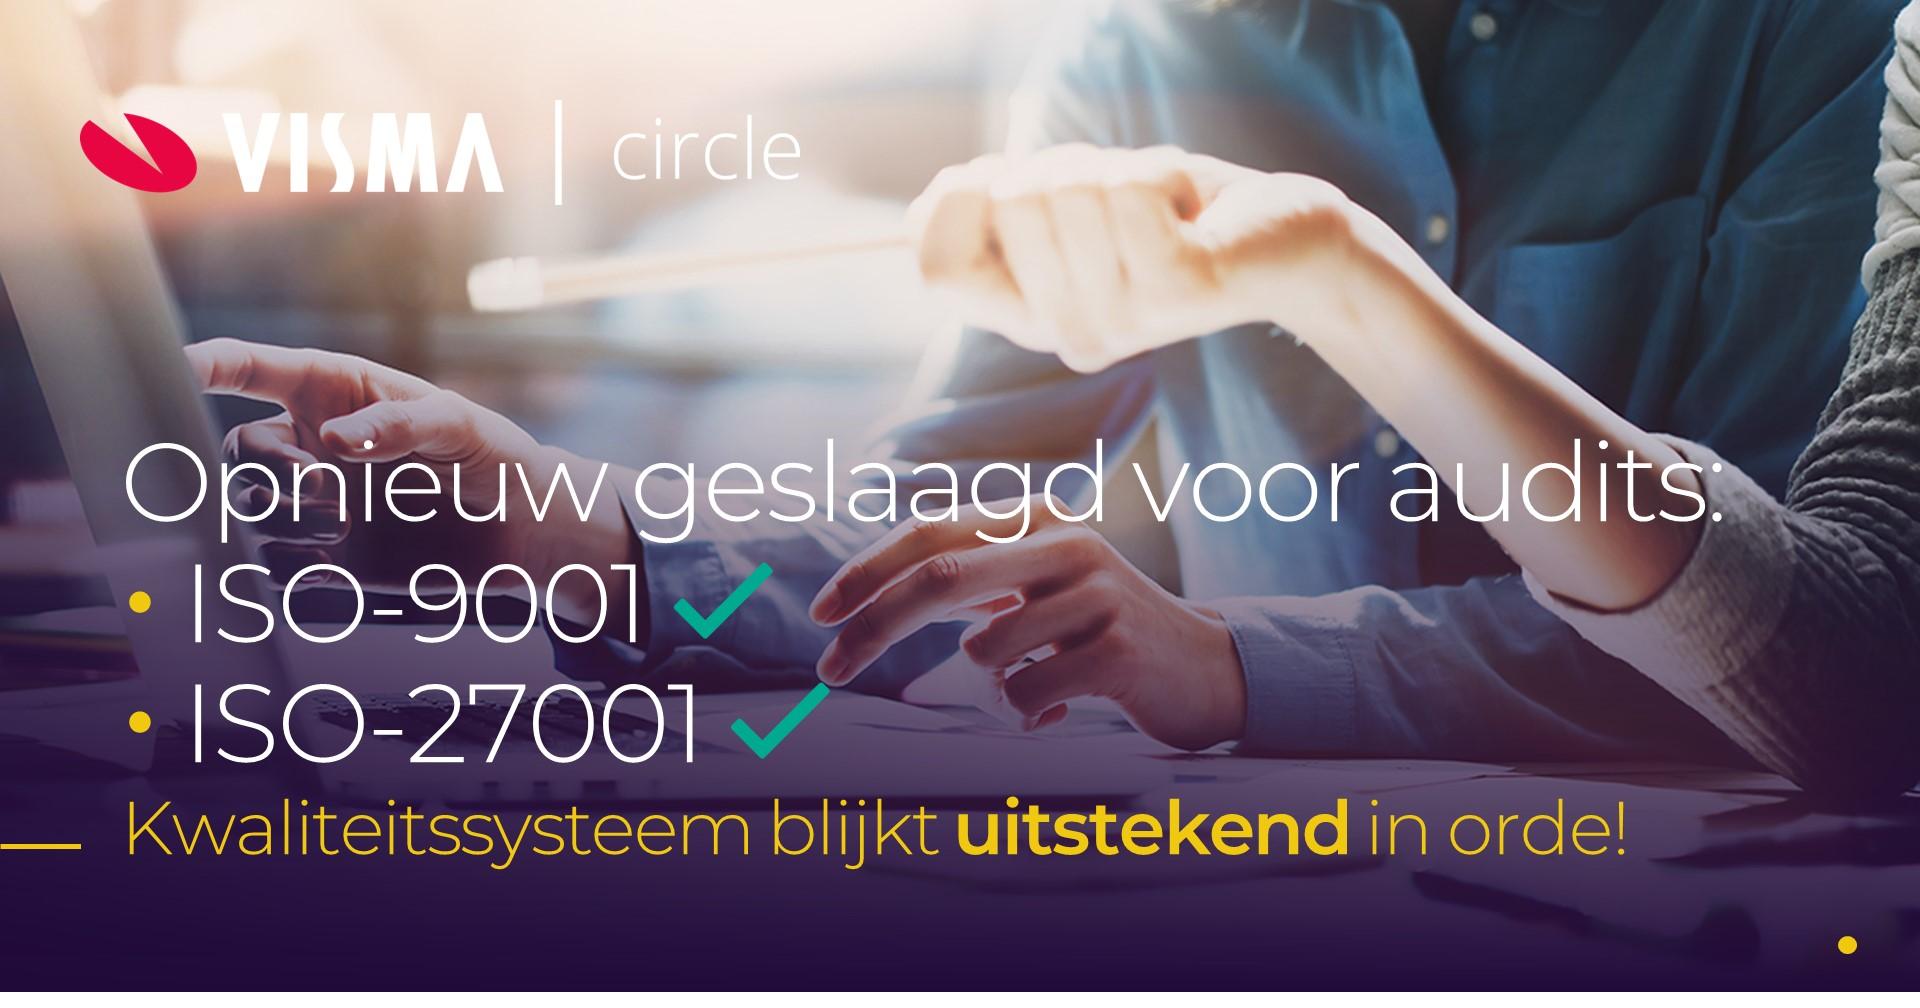 Visma Circle doorstaat ISO/IEC-audits met glans!